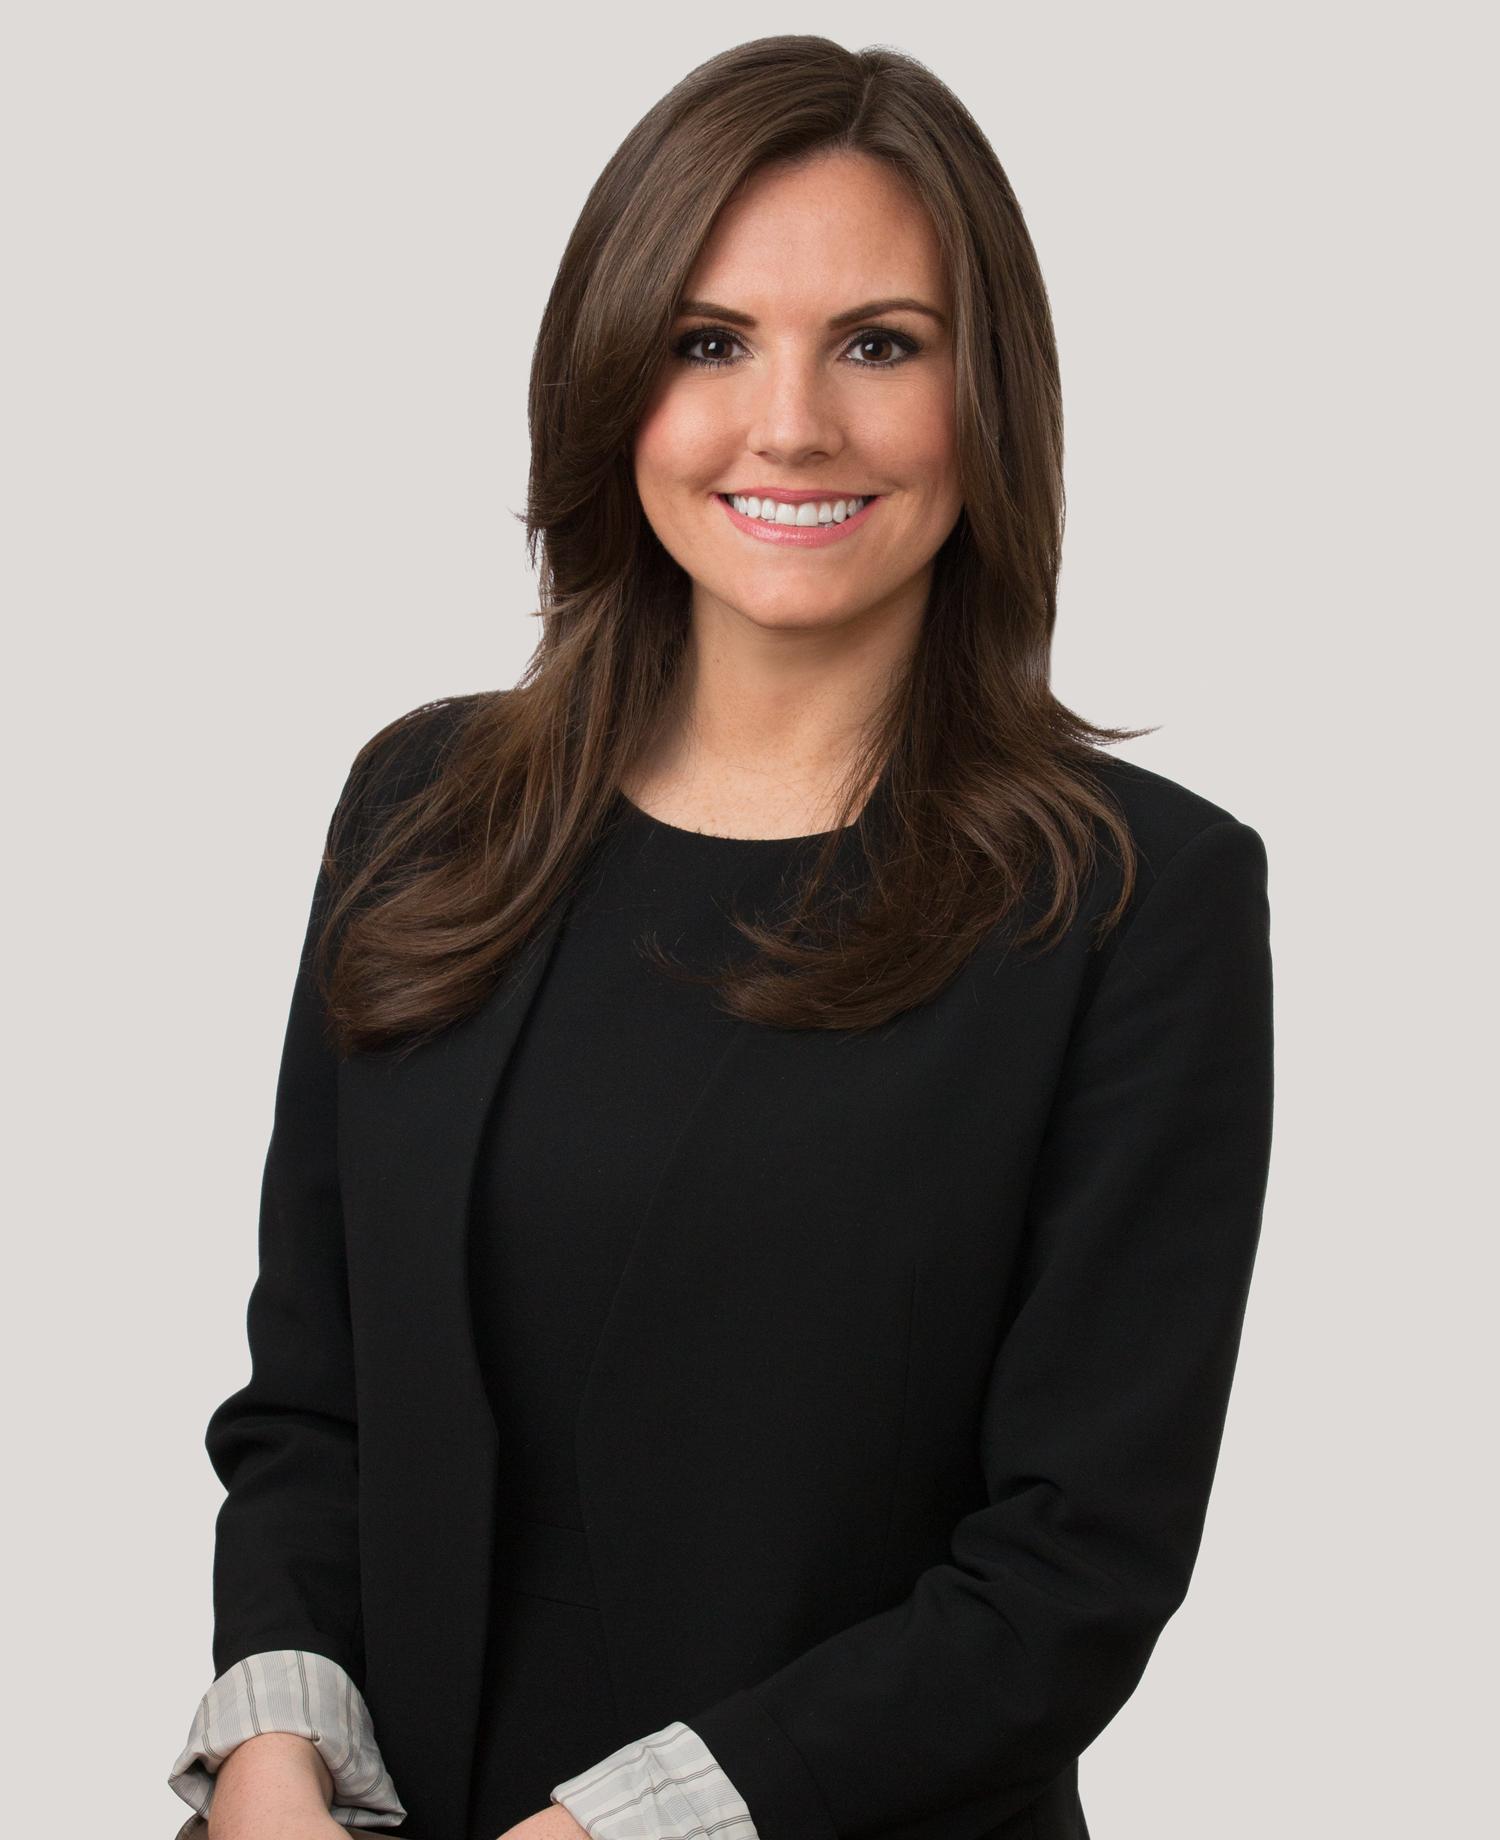 Megan E. Whitehill